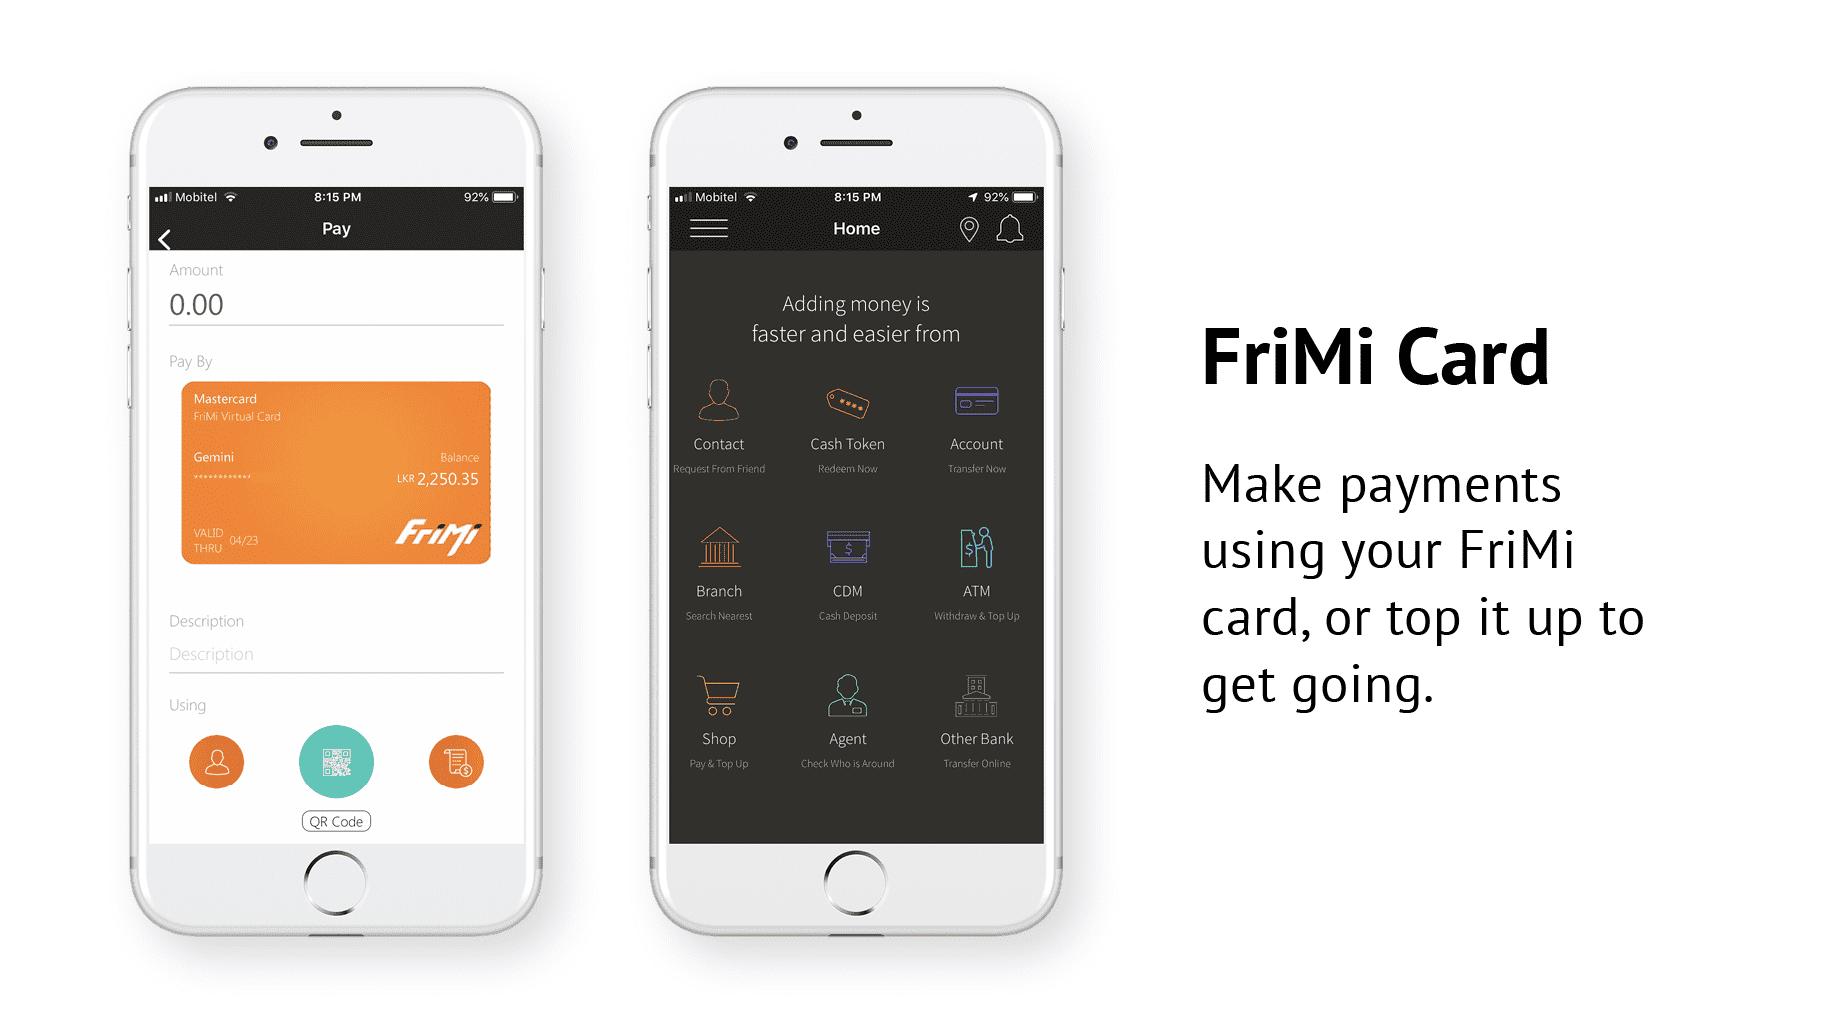 FriMi-Card